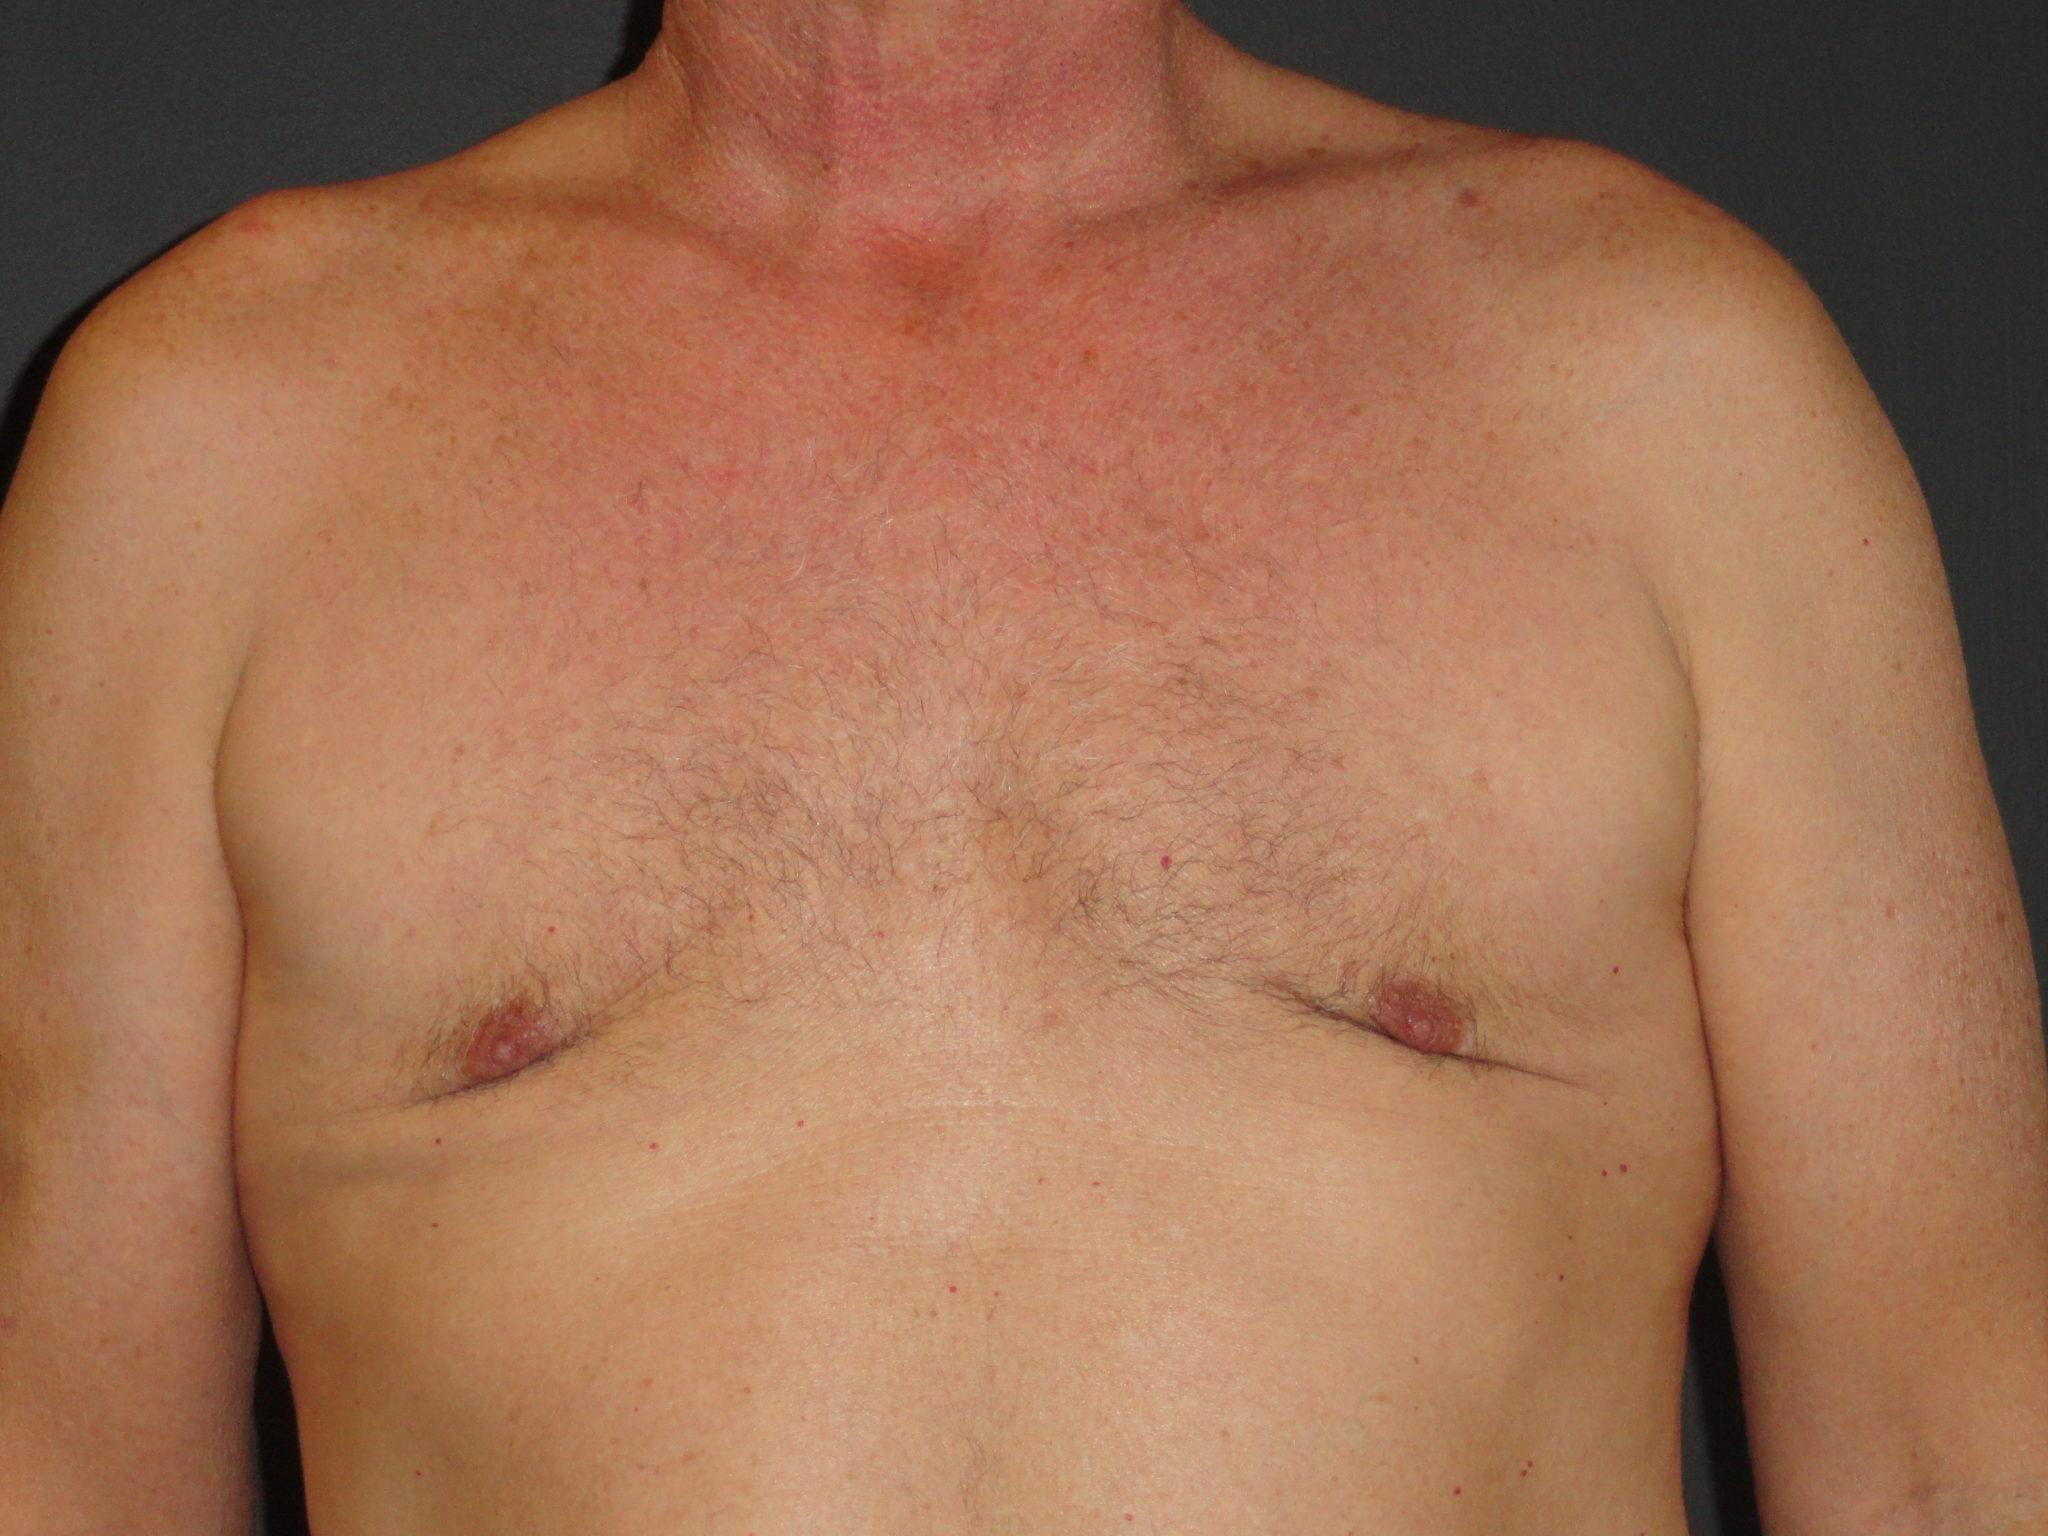 Гинекомастия у мужчин: что это, код по мкб 10, причины и последствия, симптомы, фото, диагностика, к какому врачу обратиться   романов георгий никитич